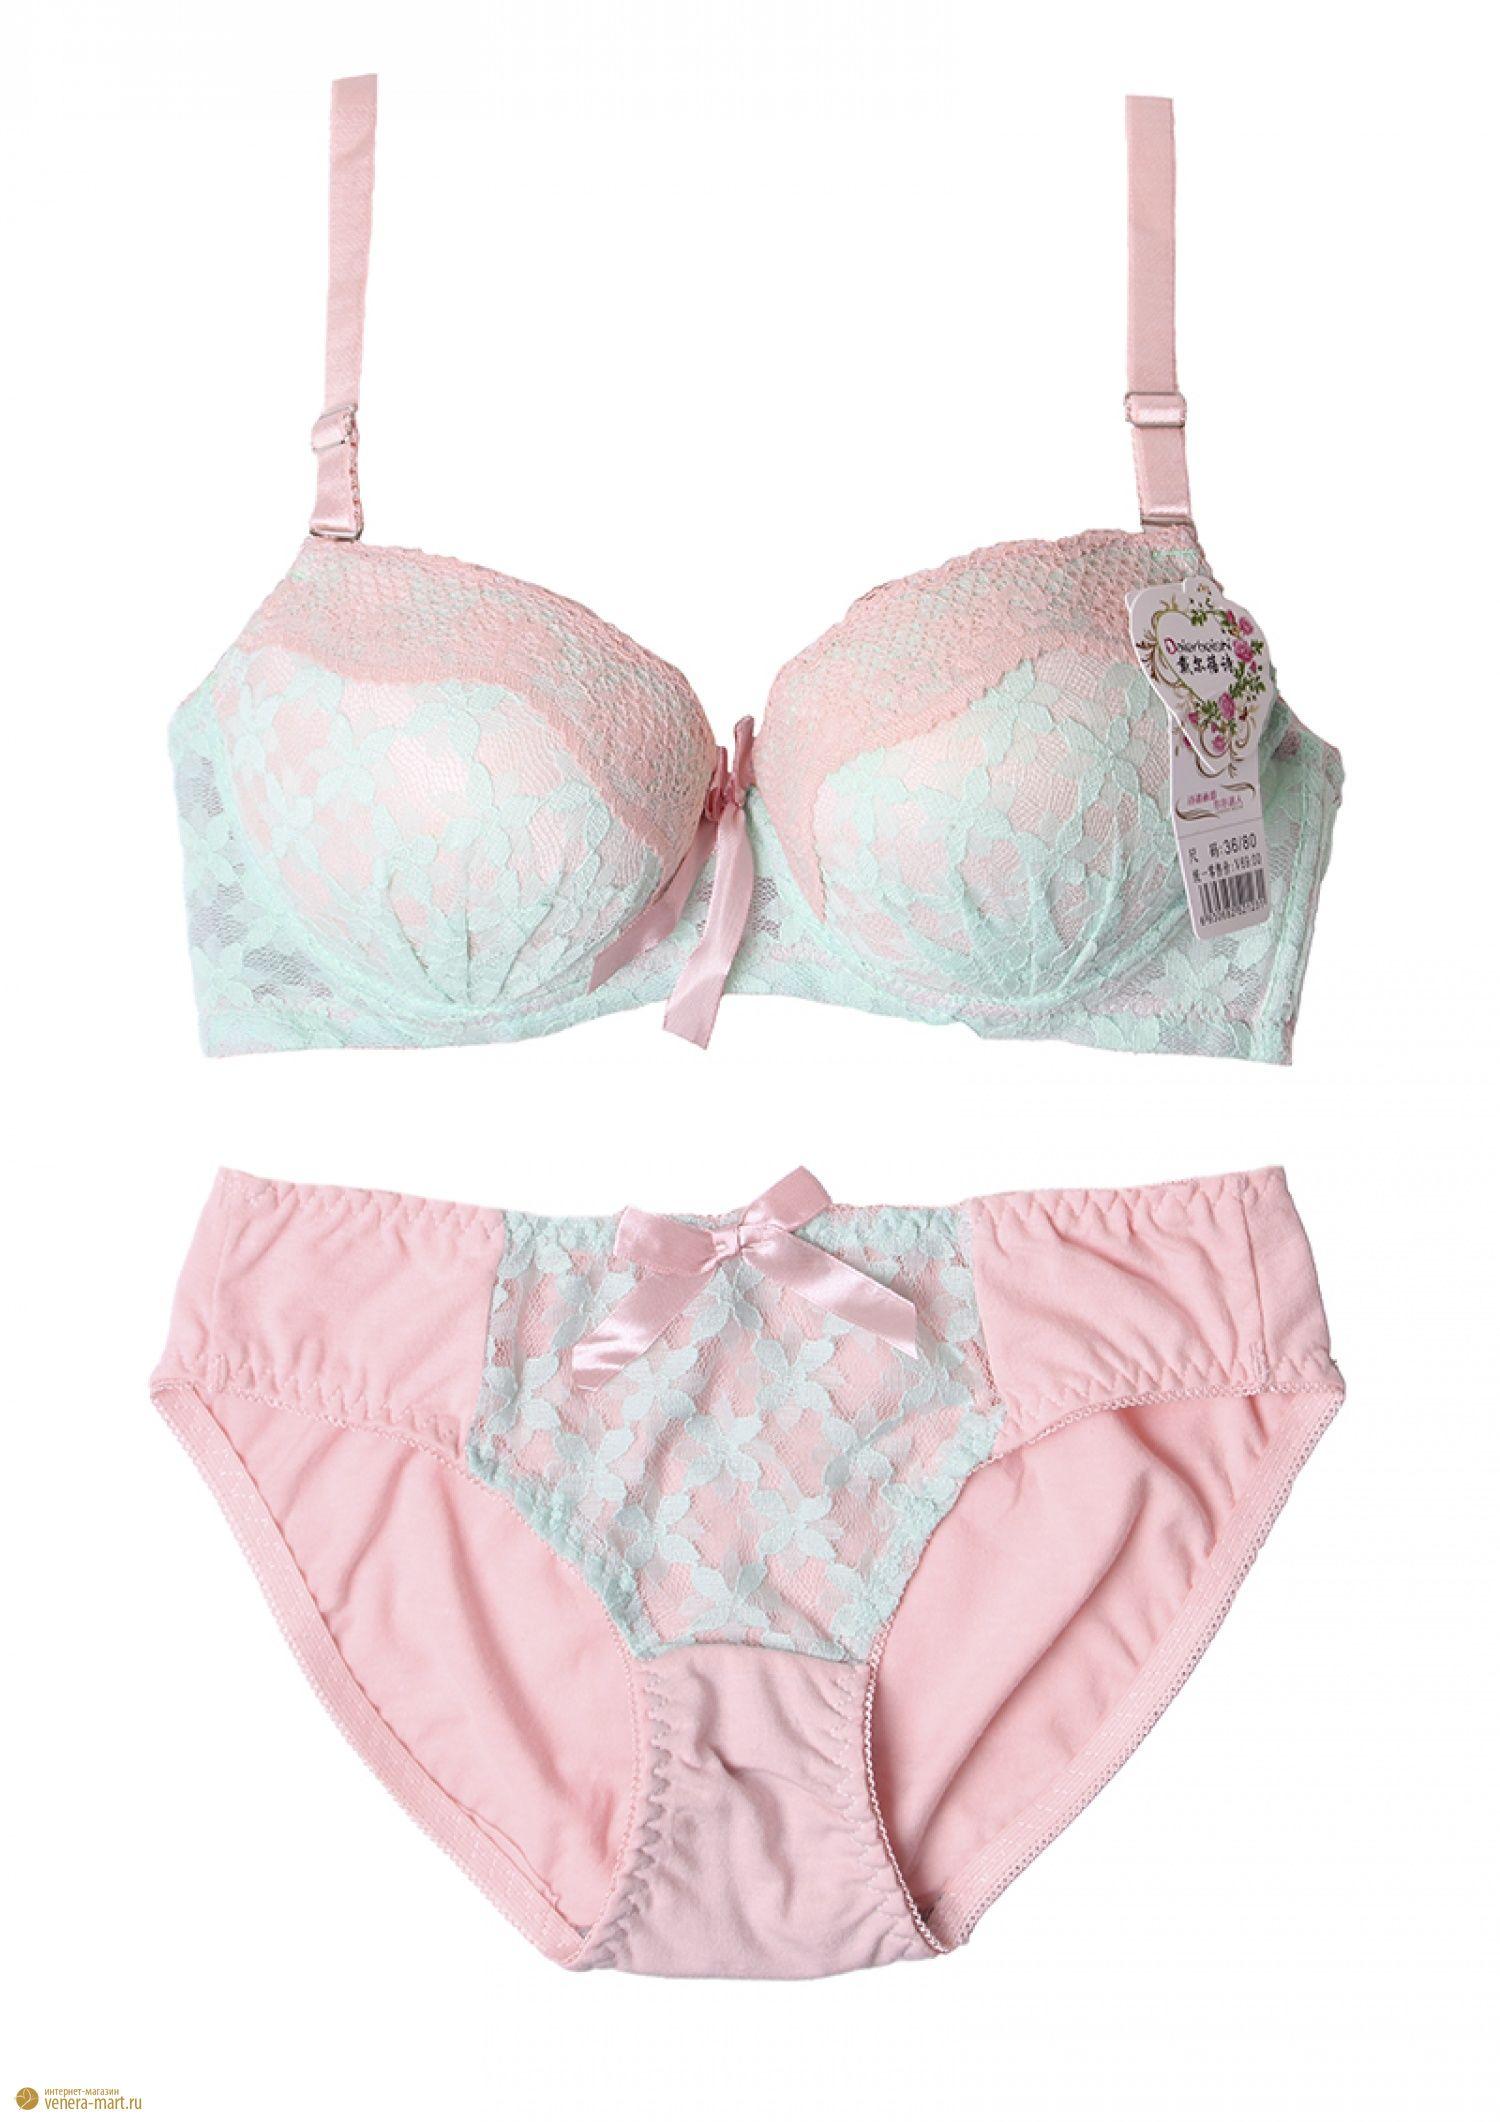 Комплект нижнего белья женские лифчик и трусы нижнее белье боди кружевное как носить